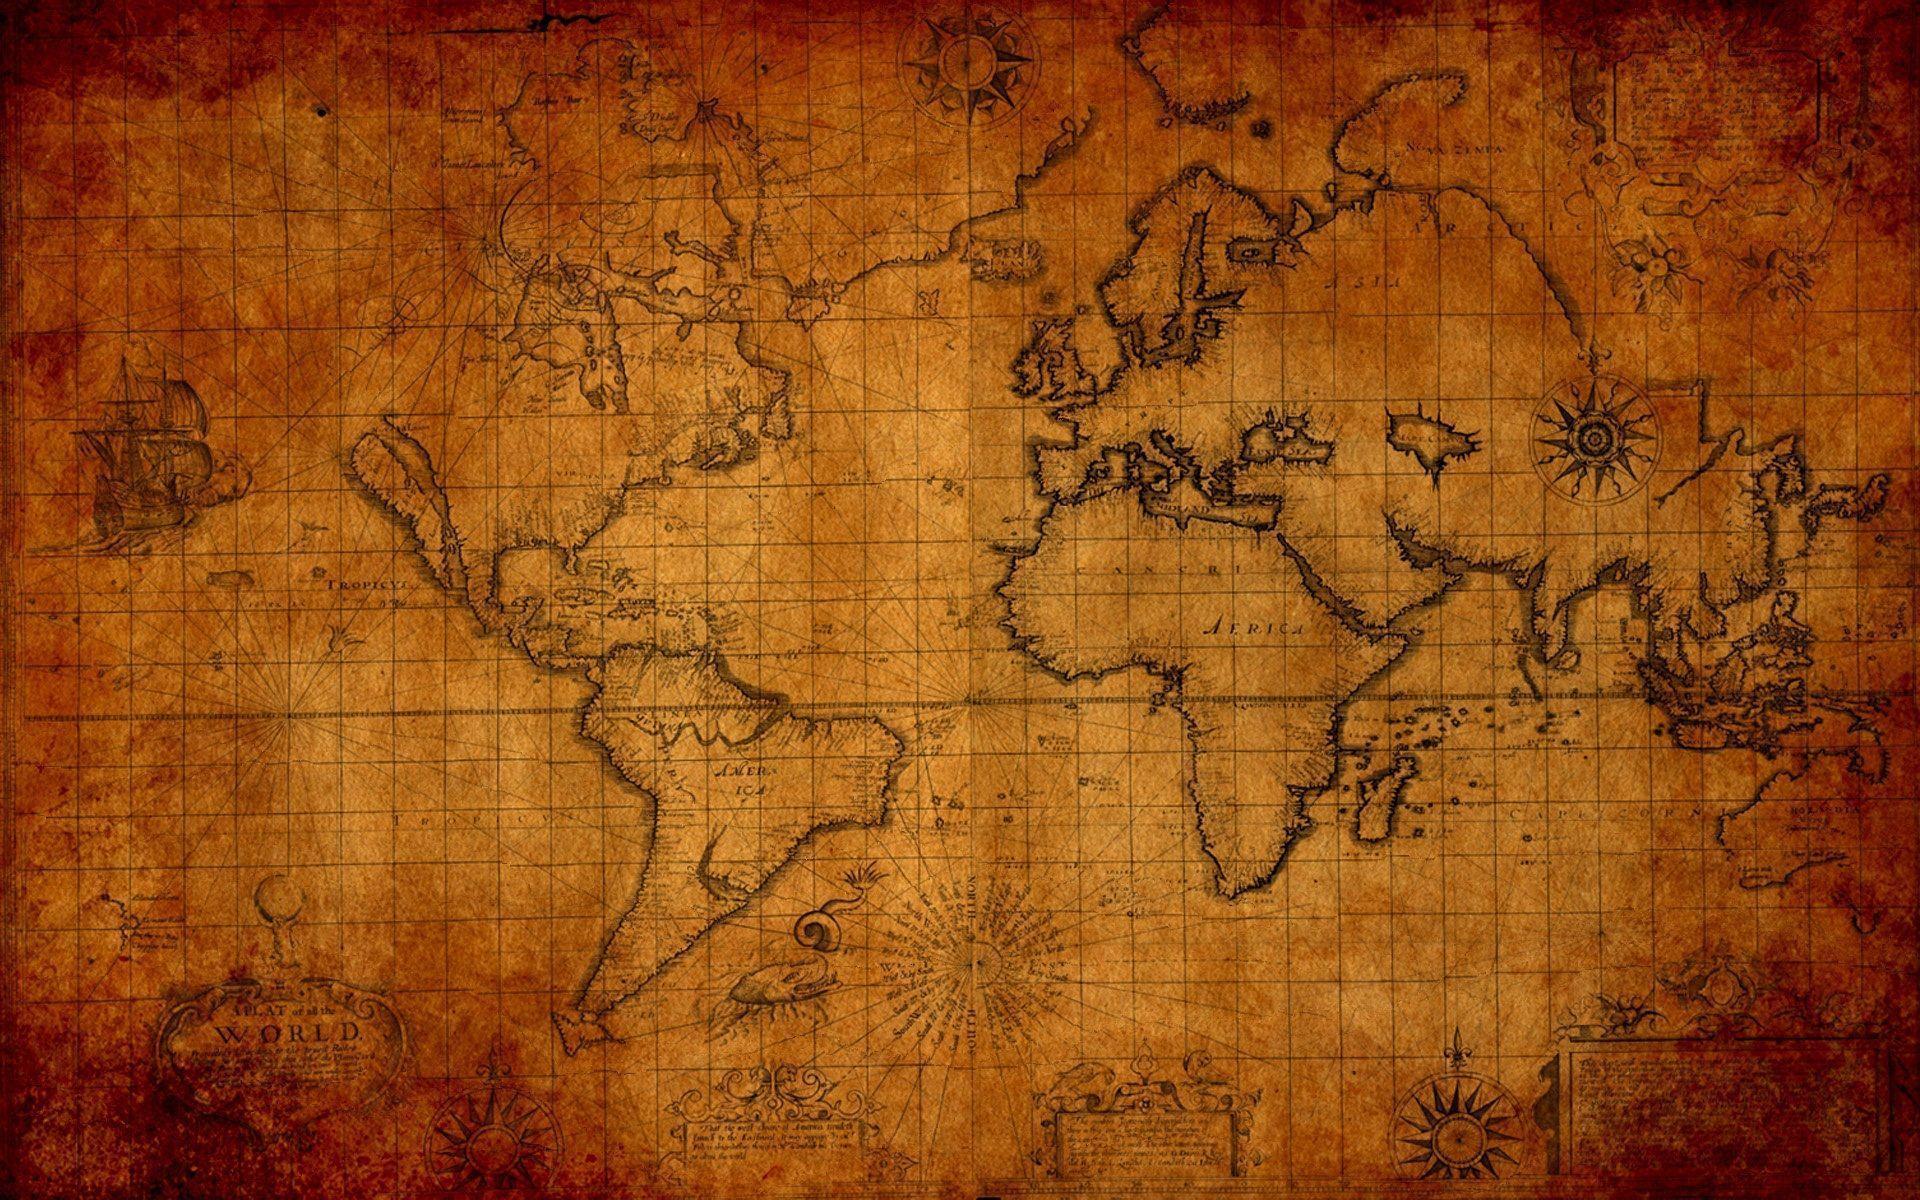 World Map Wallpapers - World Map Wallpaper Hd , HD Wallpaper & Backgrounds